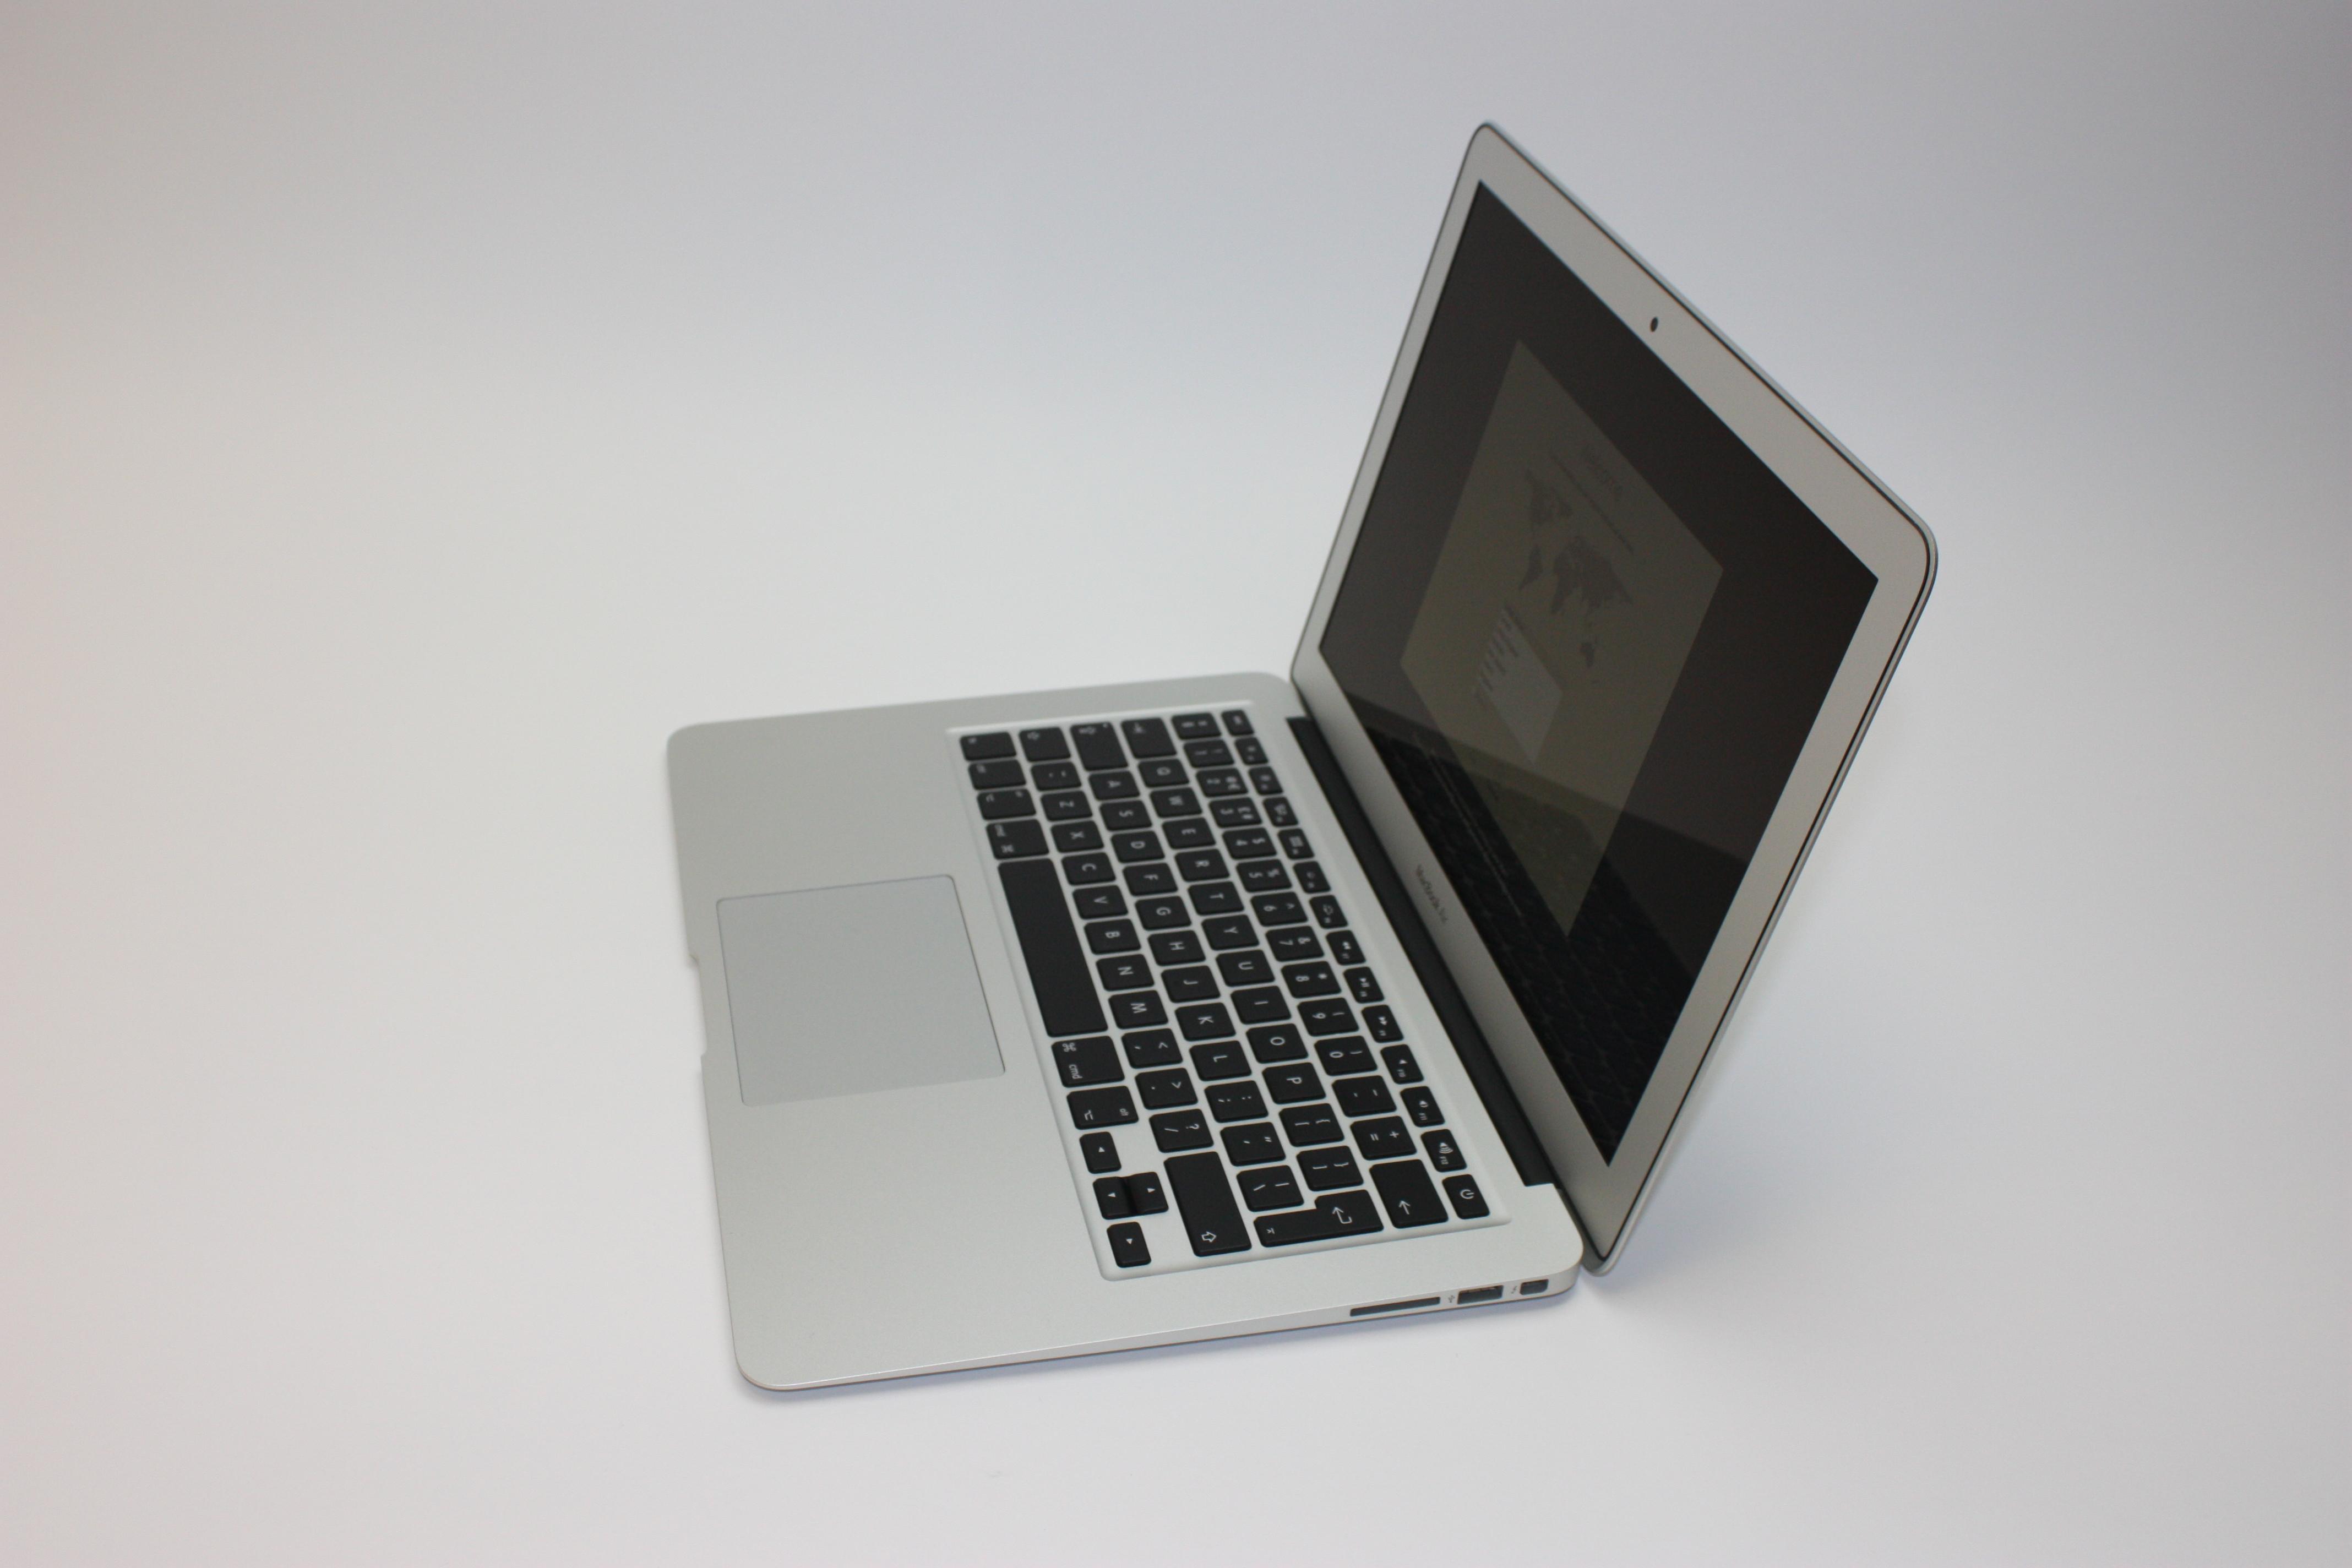 MacBook Air 13-inch, 1.8 GHz Core i5 (I5-5350U), 8 GB 1600 MHz DDR3, 128 GB Flash Storage, image 2